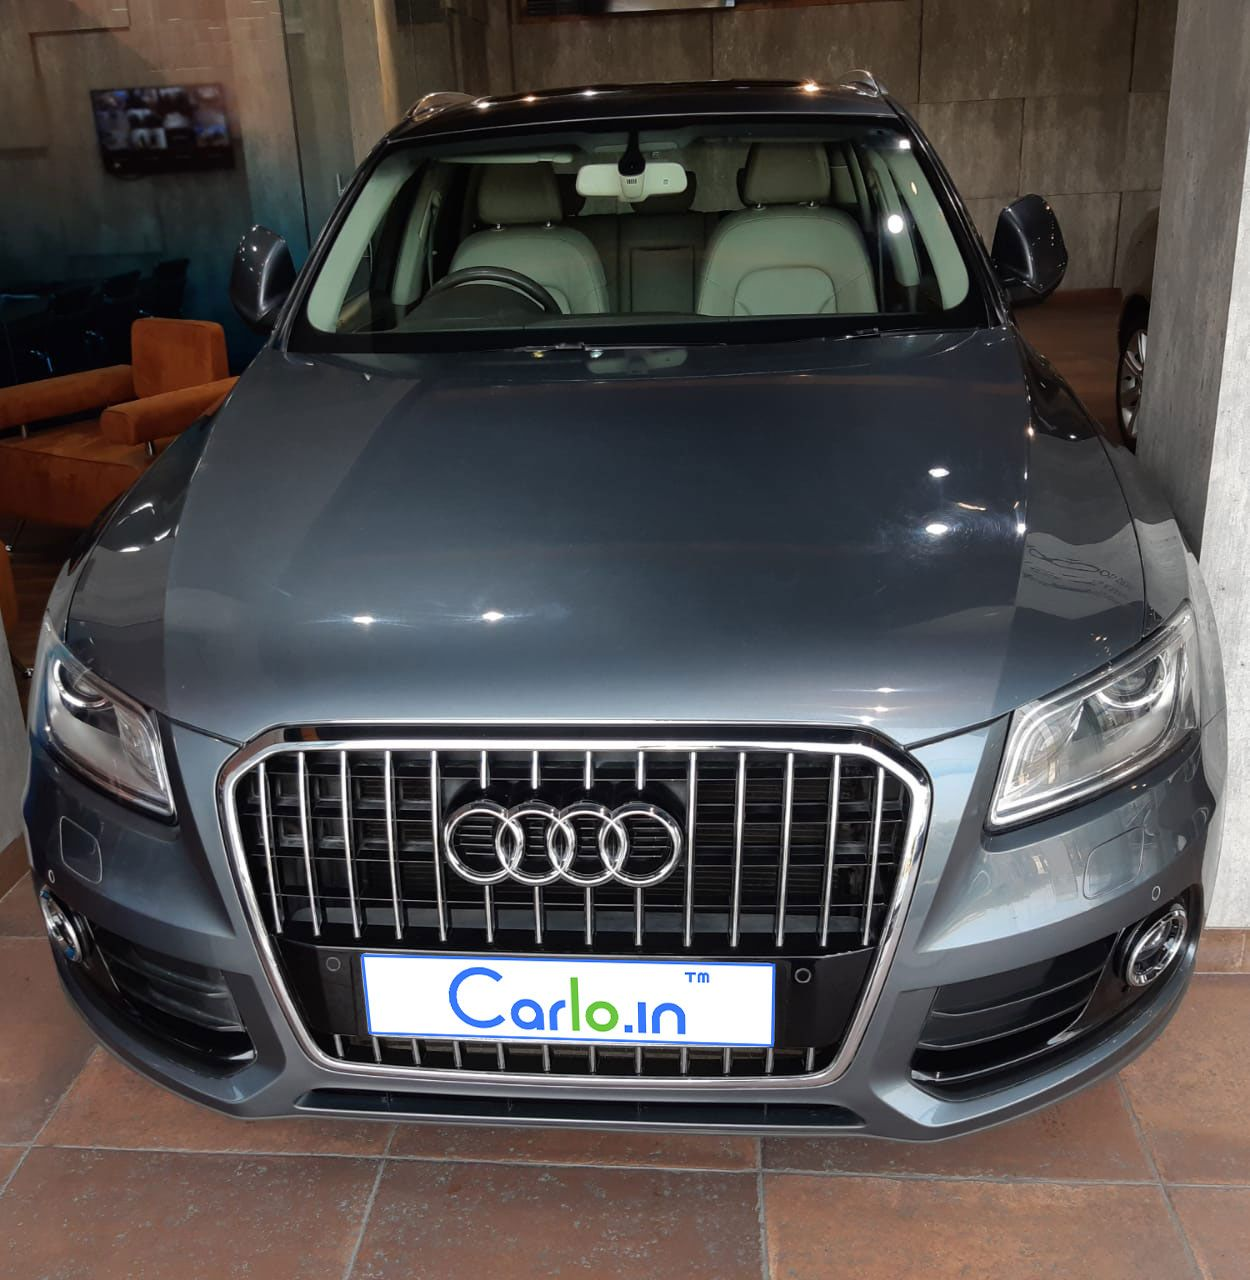 Audi Q5 20 TDI Quattro Premium-plus Used Car For Sell In